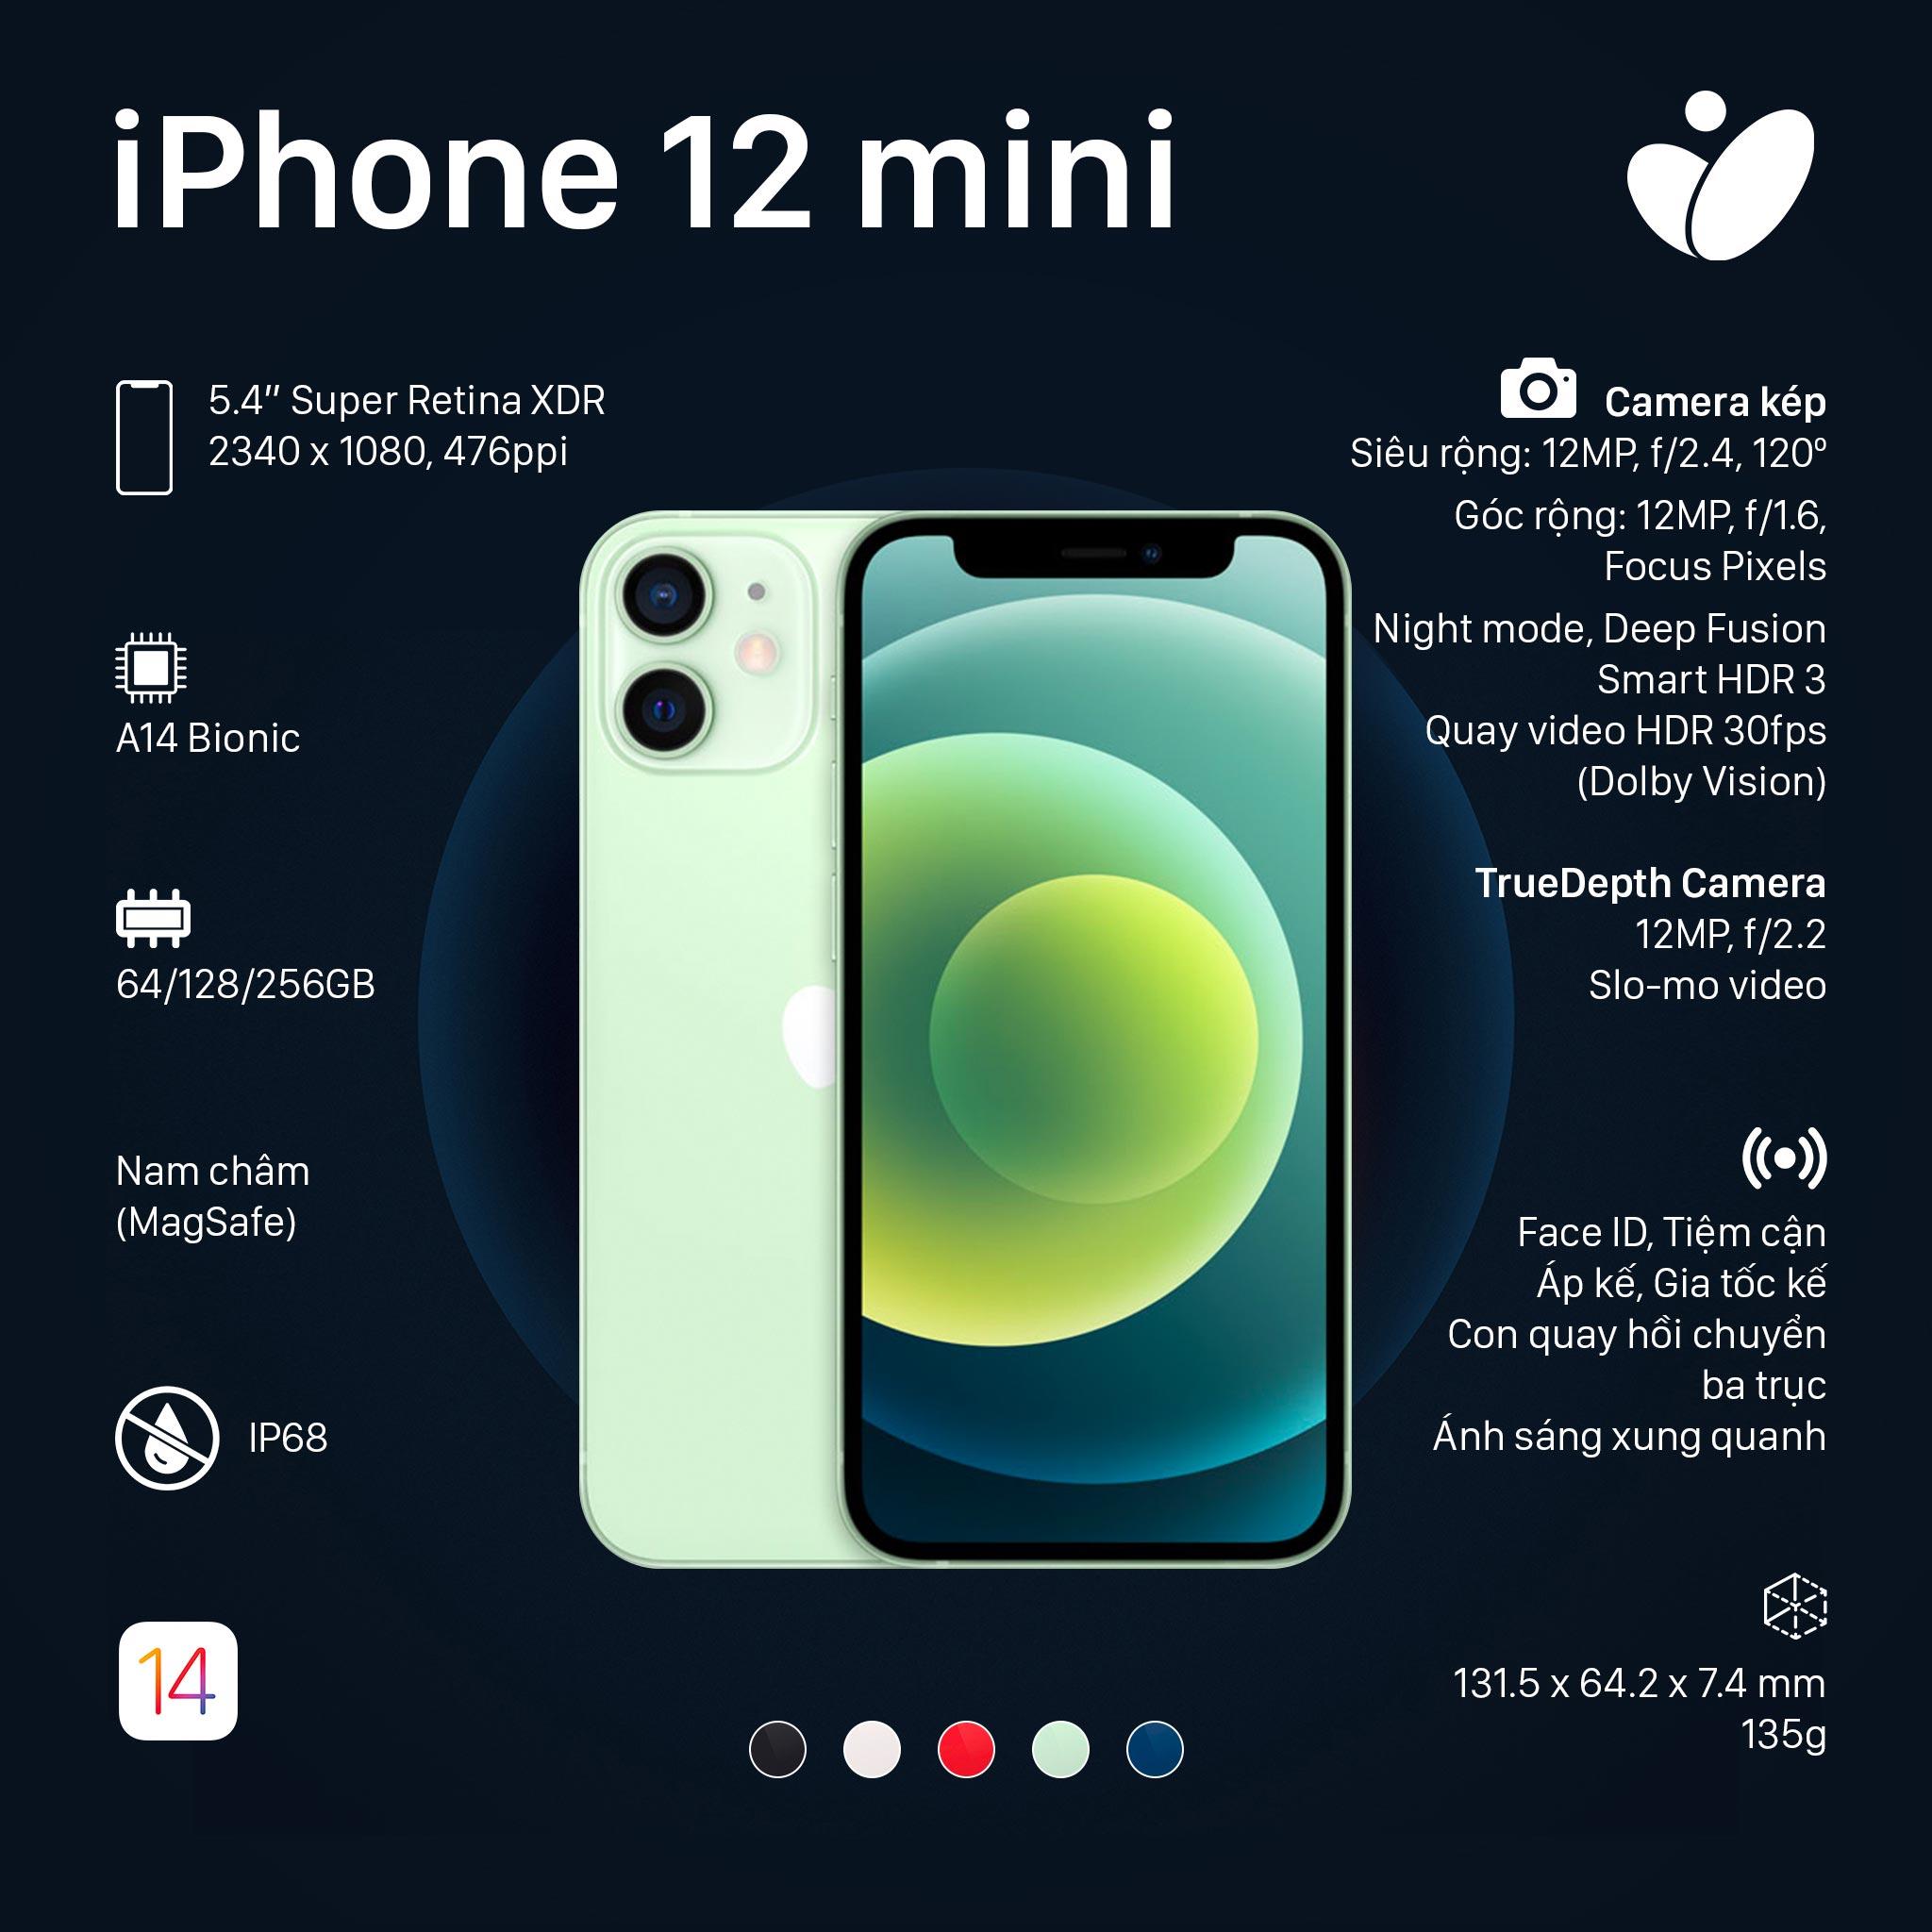 tinhte_iphone_12_mini_spec.jpg